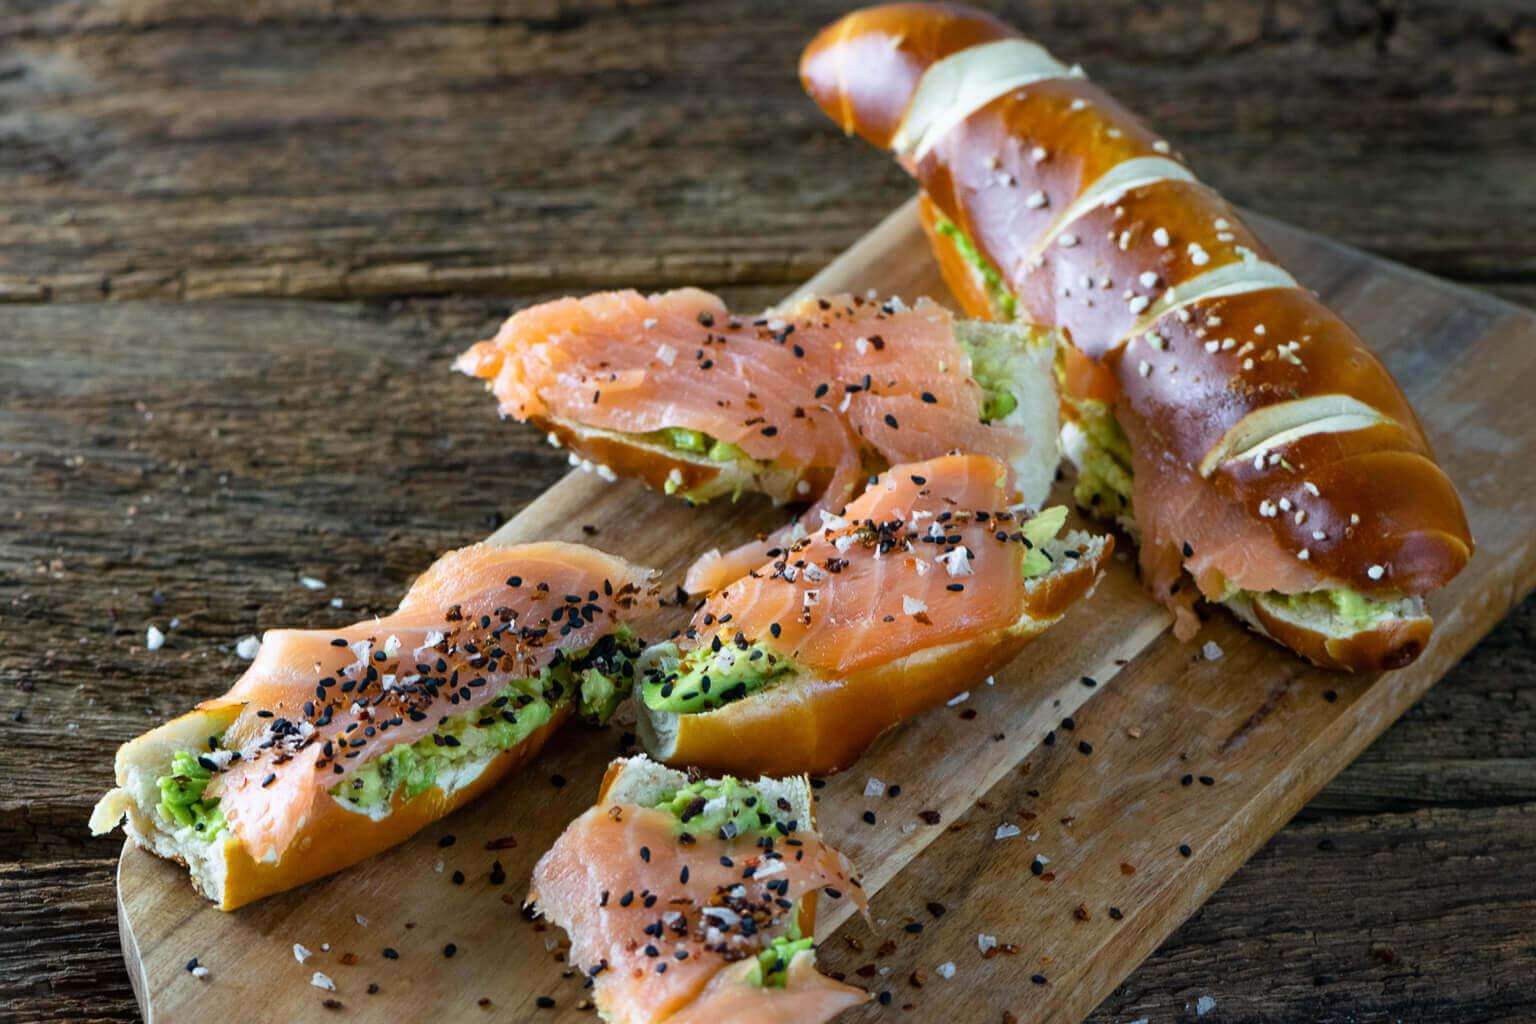 Schneller Snack - Laugenstange mit Lachs & Avocado - mein perfekter Snack als stillende Mutter